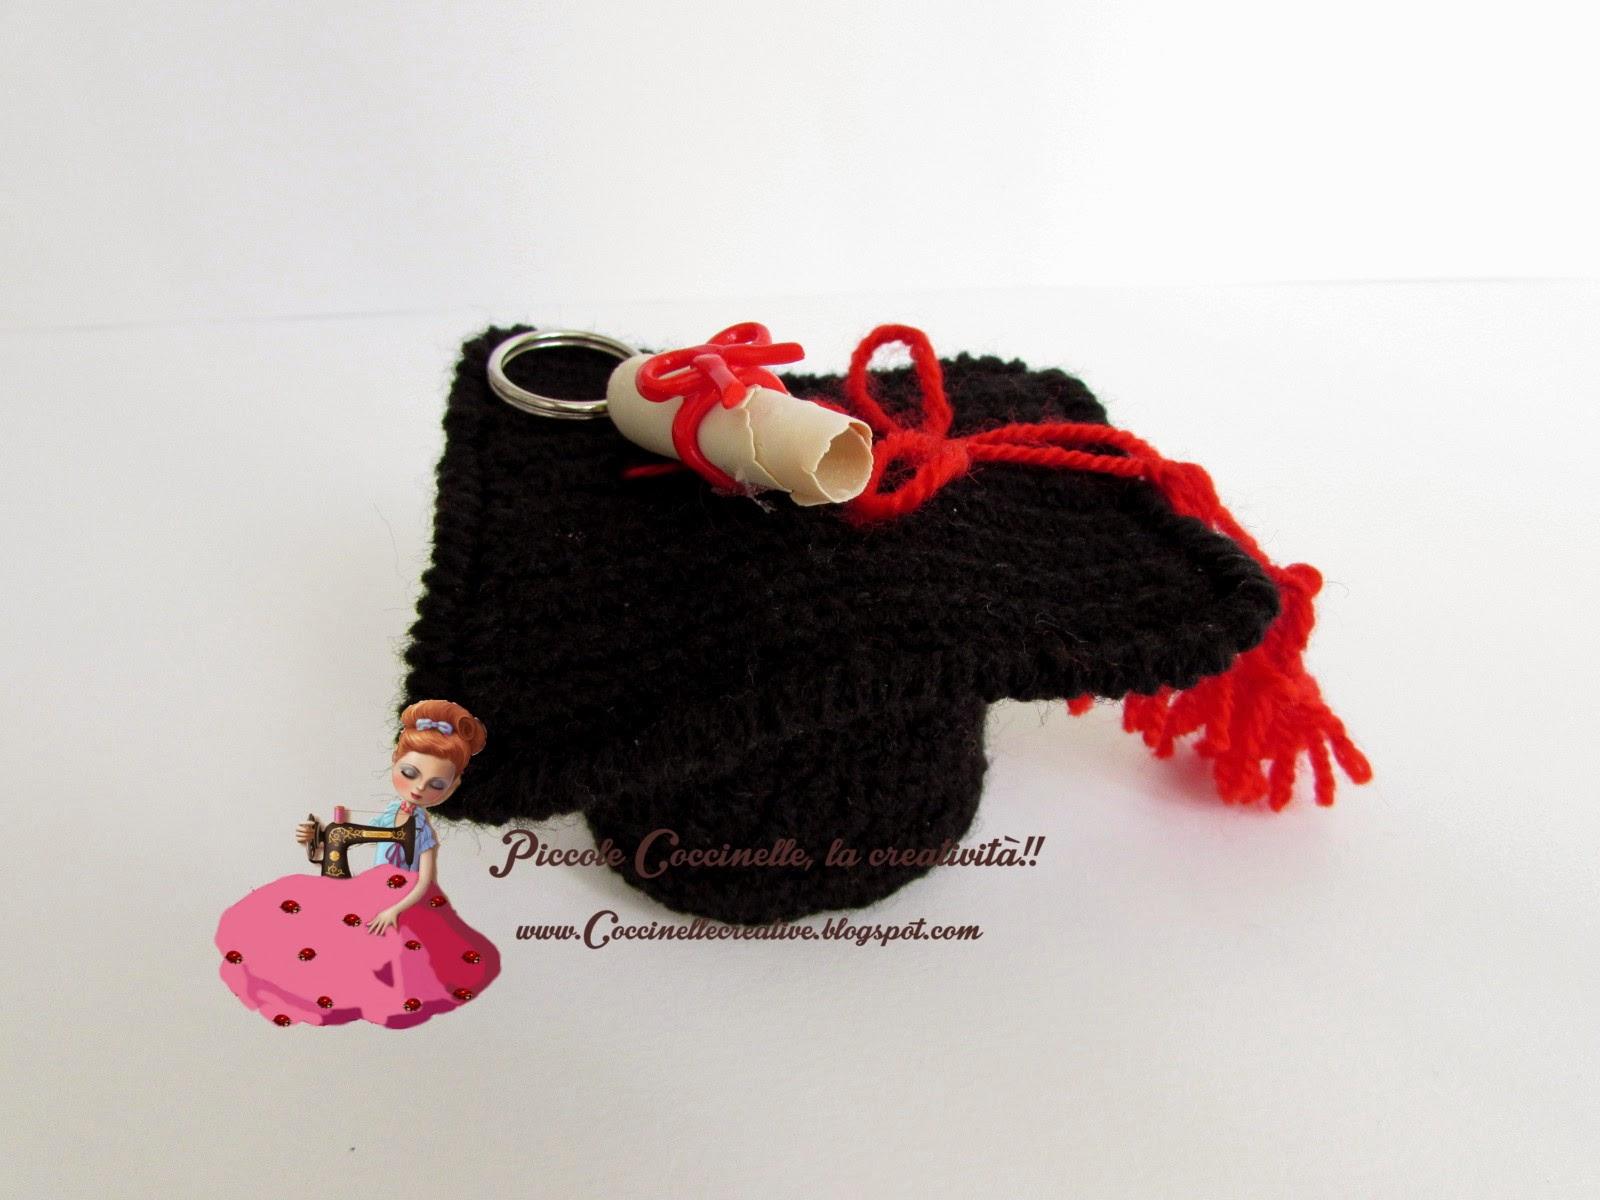 Extrêmement Piccole coccinelle, la creatività !! : Cappello Laurea per  BV01